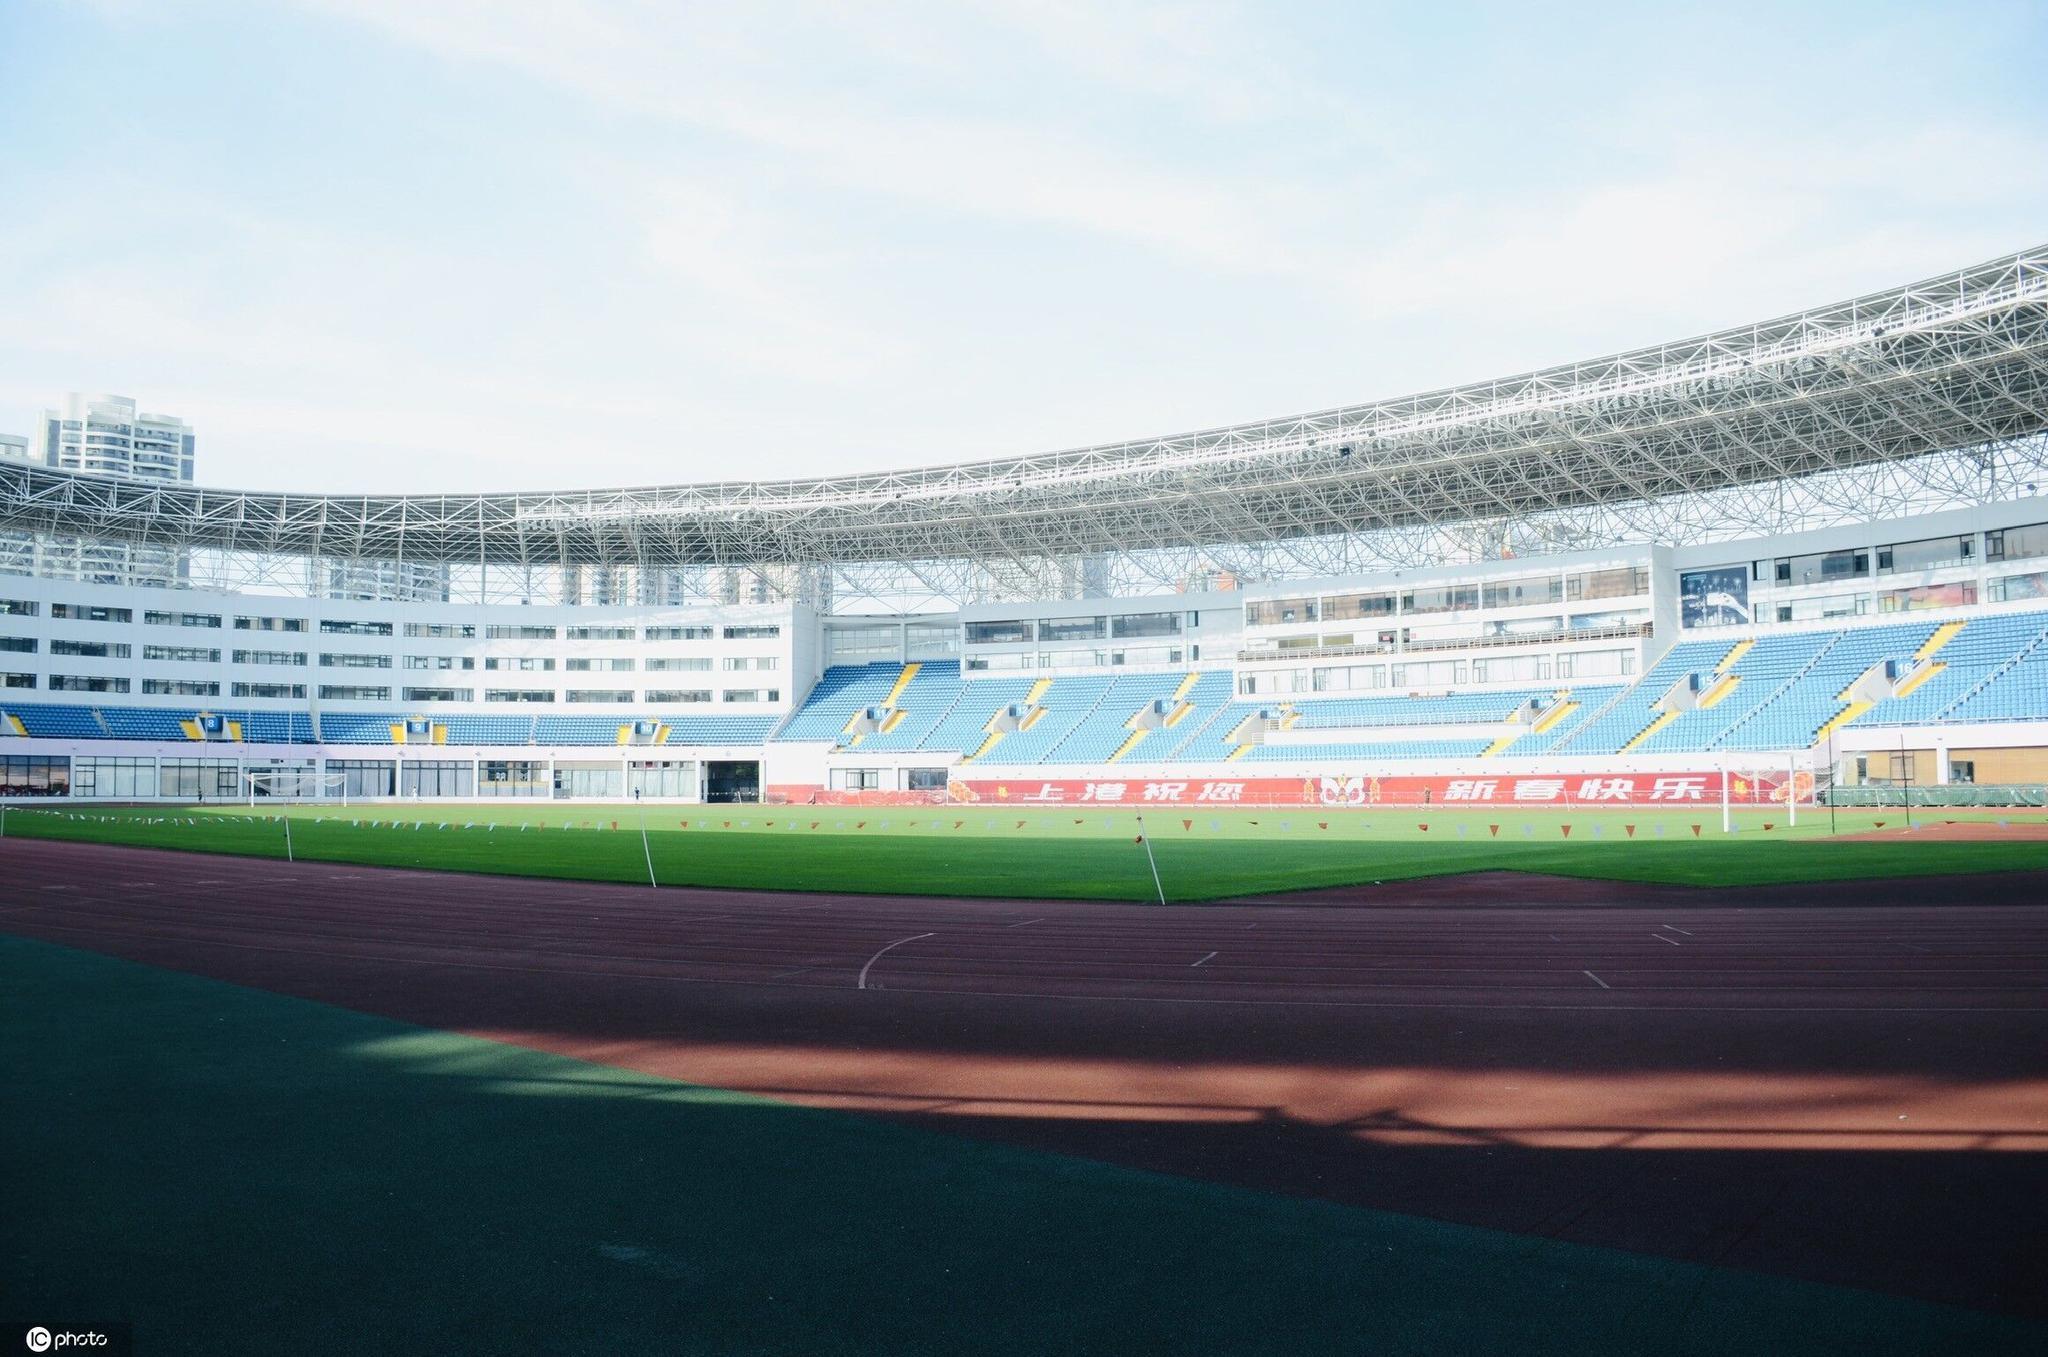 多图流:上港新主场实拍,源深体育场为新赛季准备就绪